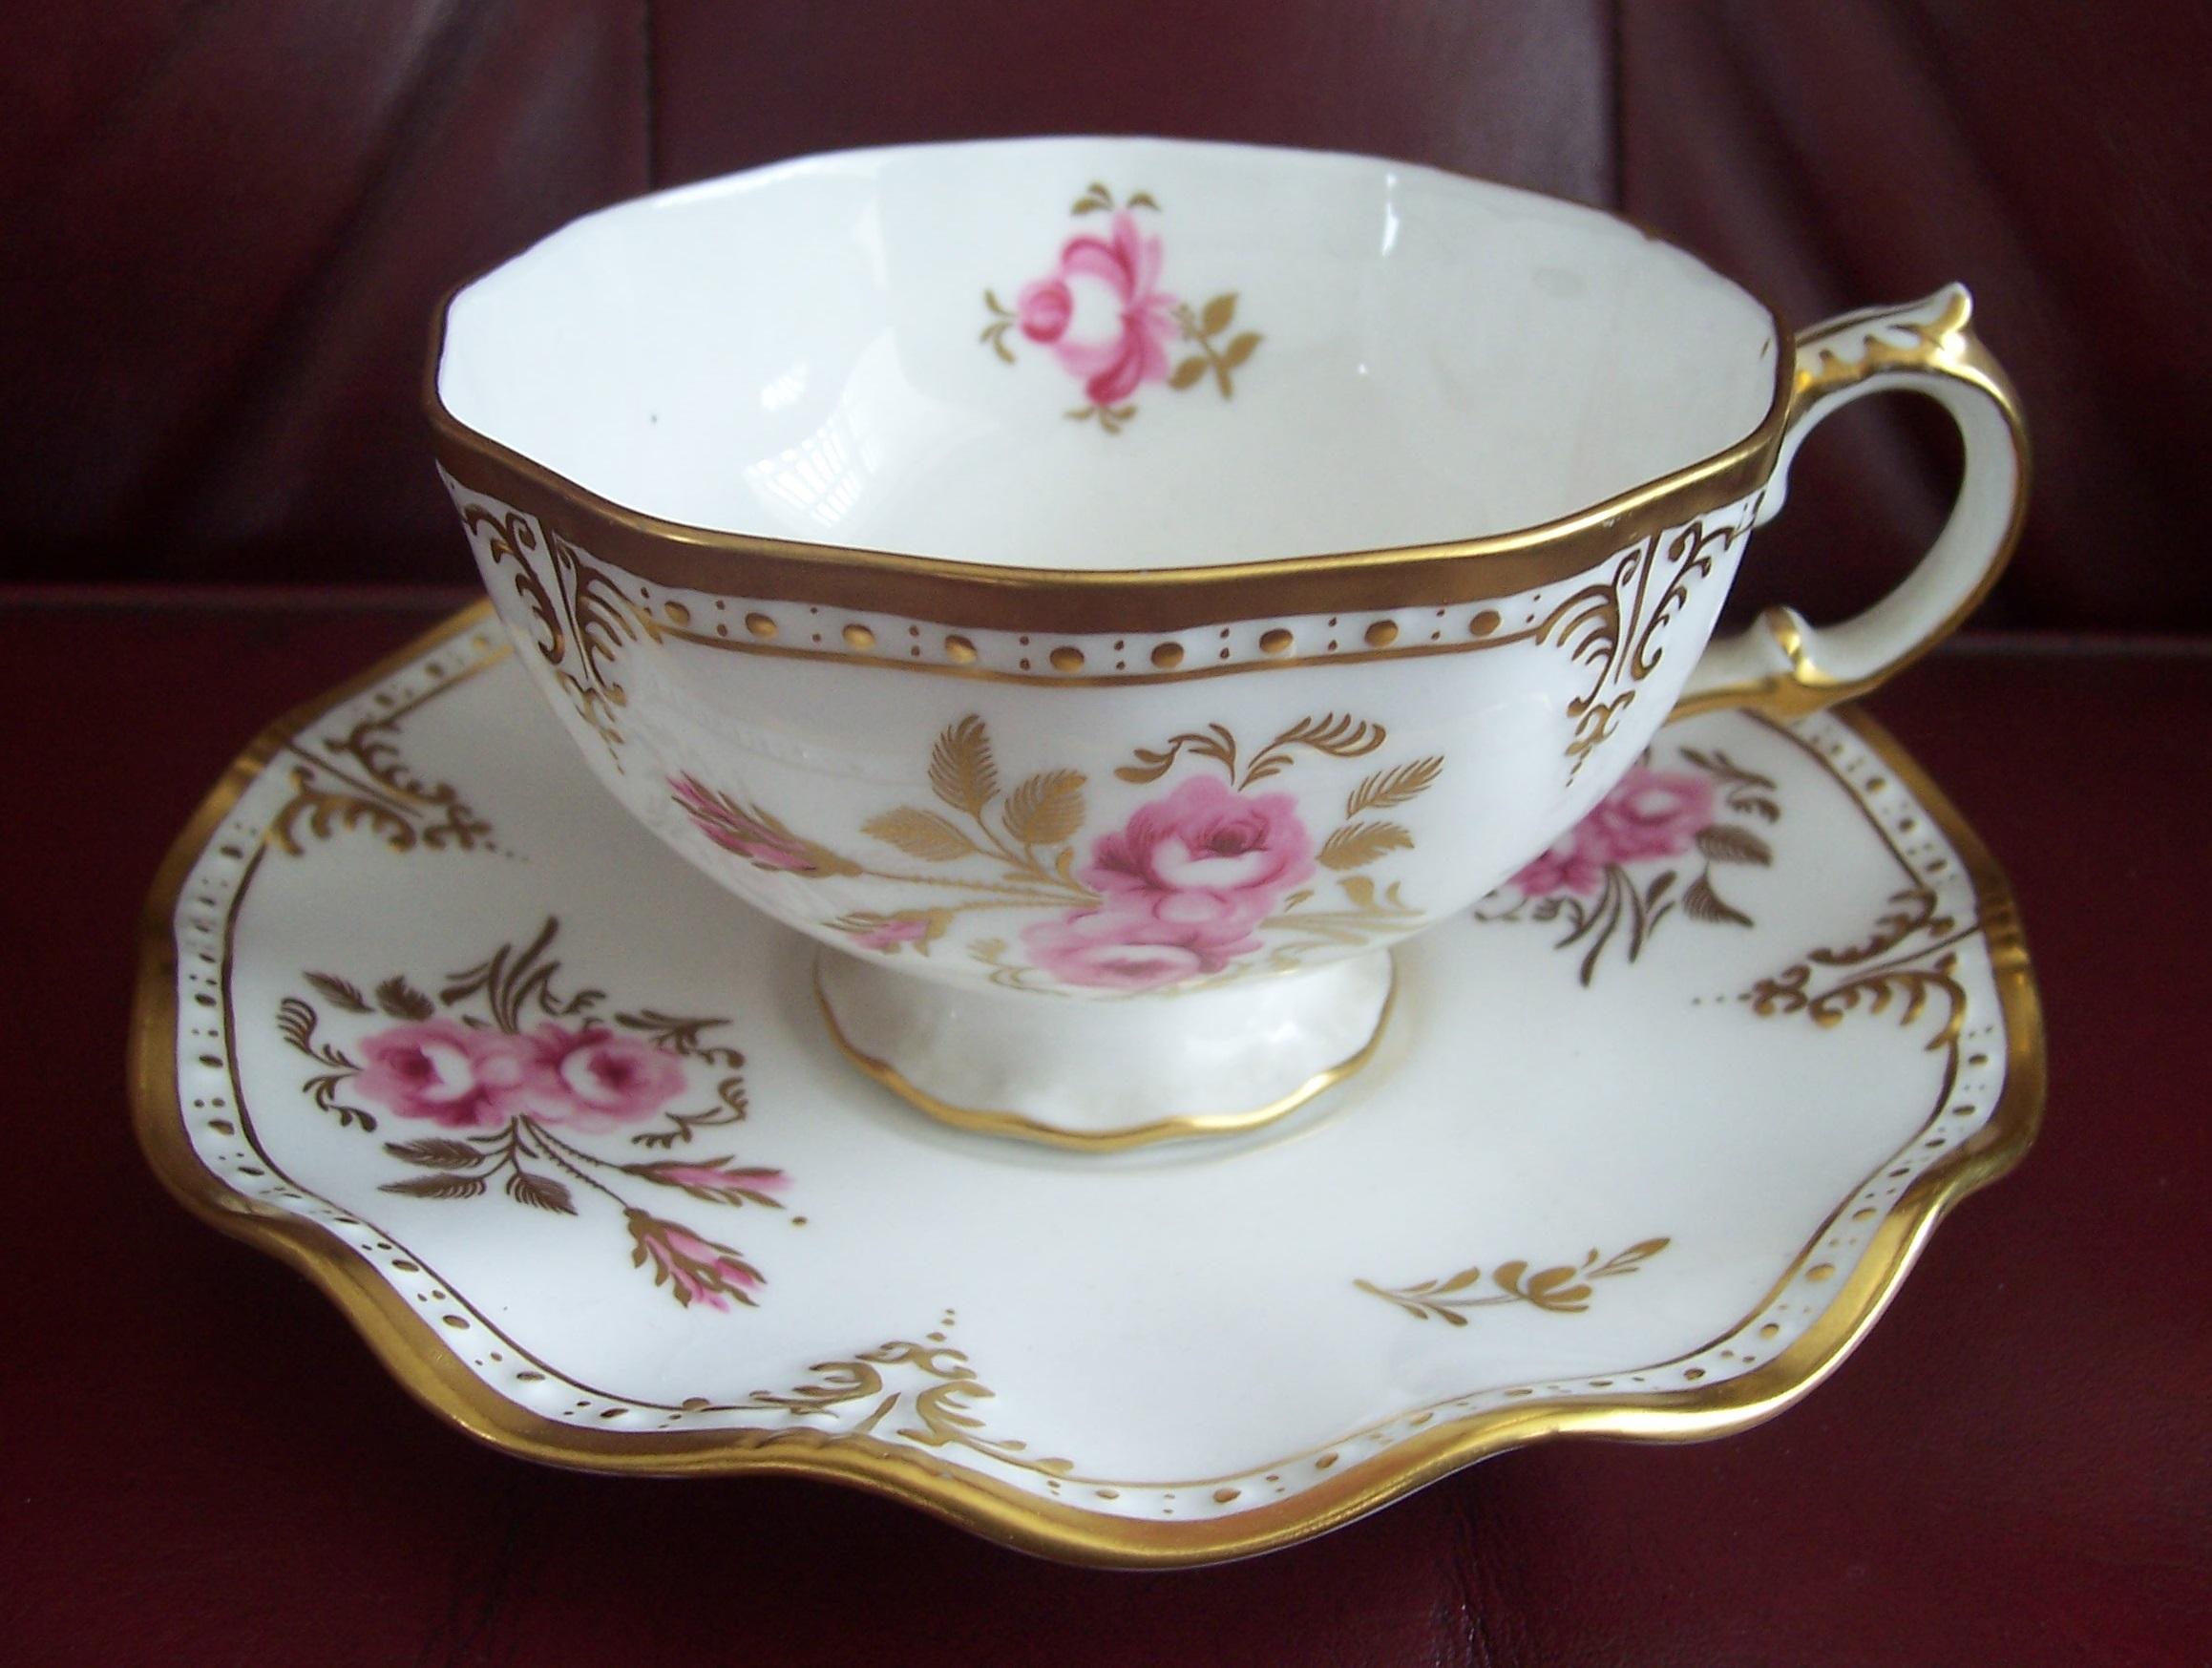 A1155 Royal Pinxton Roses